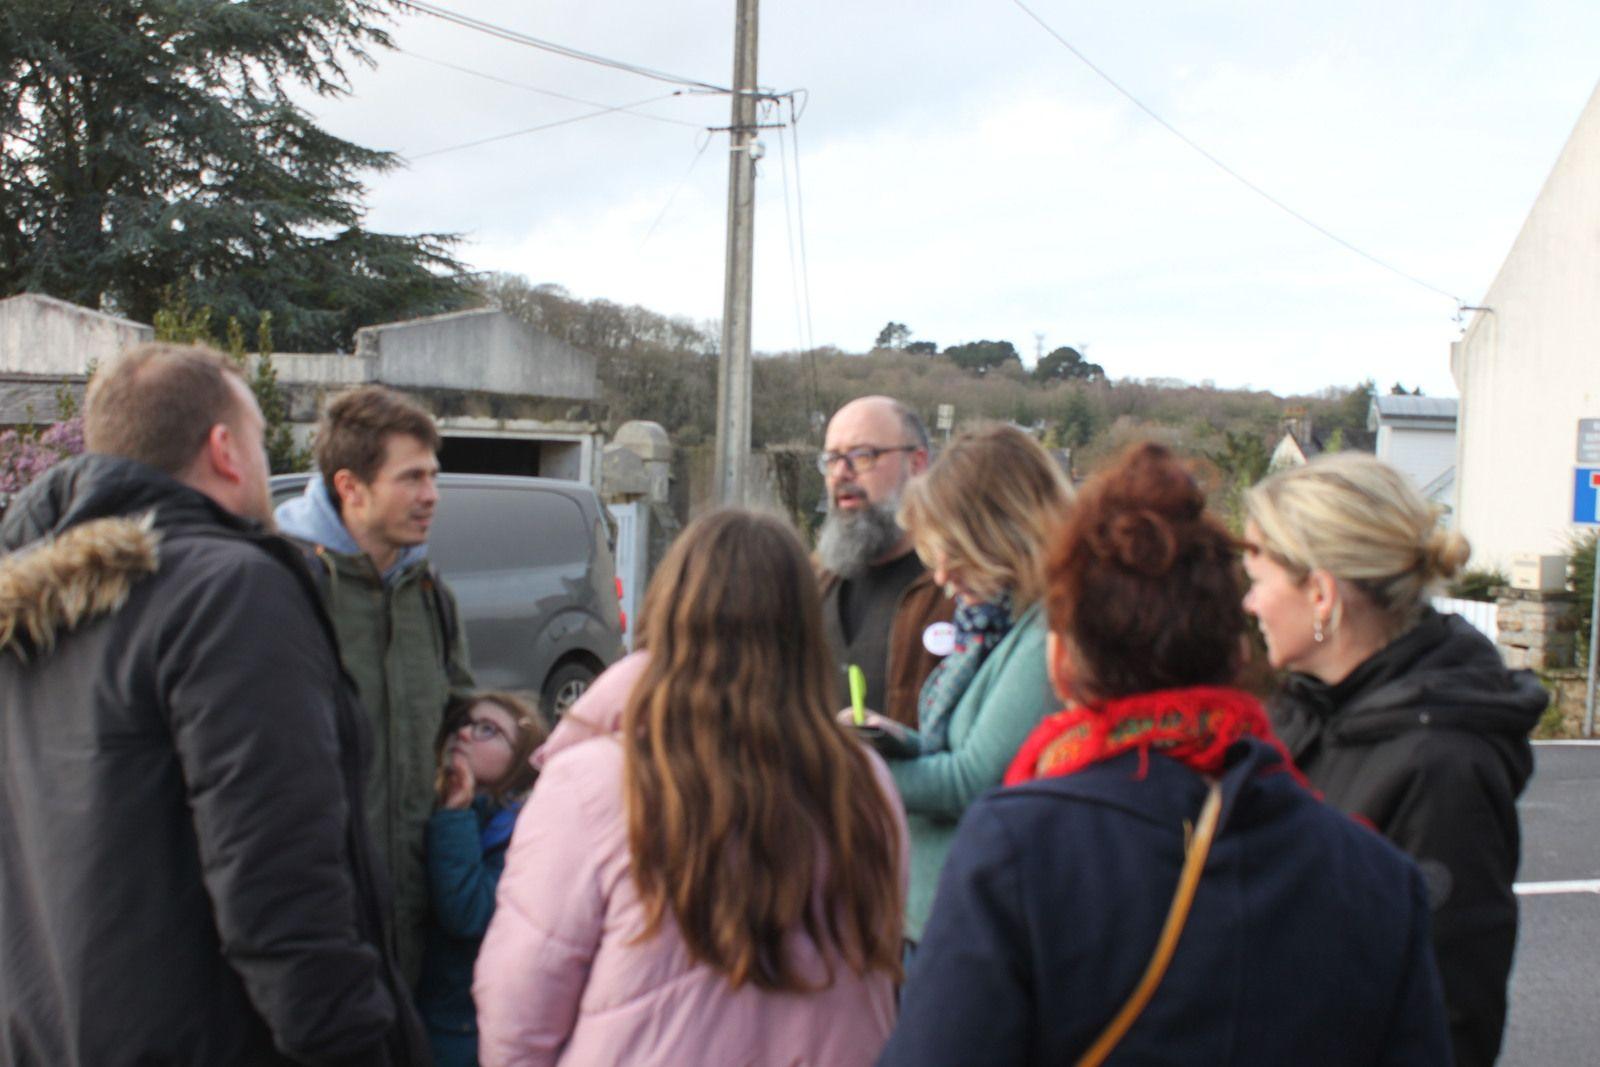 La parole aux quartiers - Morlaix Ensemble à Troudousten et Coatserho - samedi 1er février  (photos Jean-Luc Le Calvez)